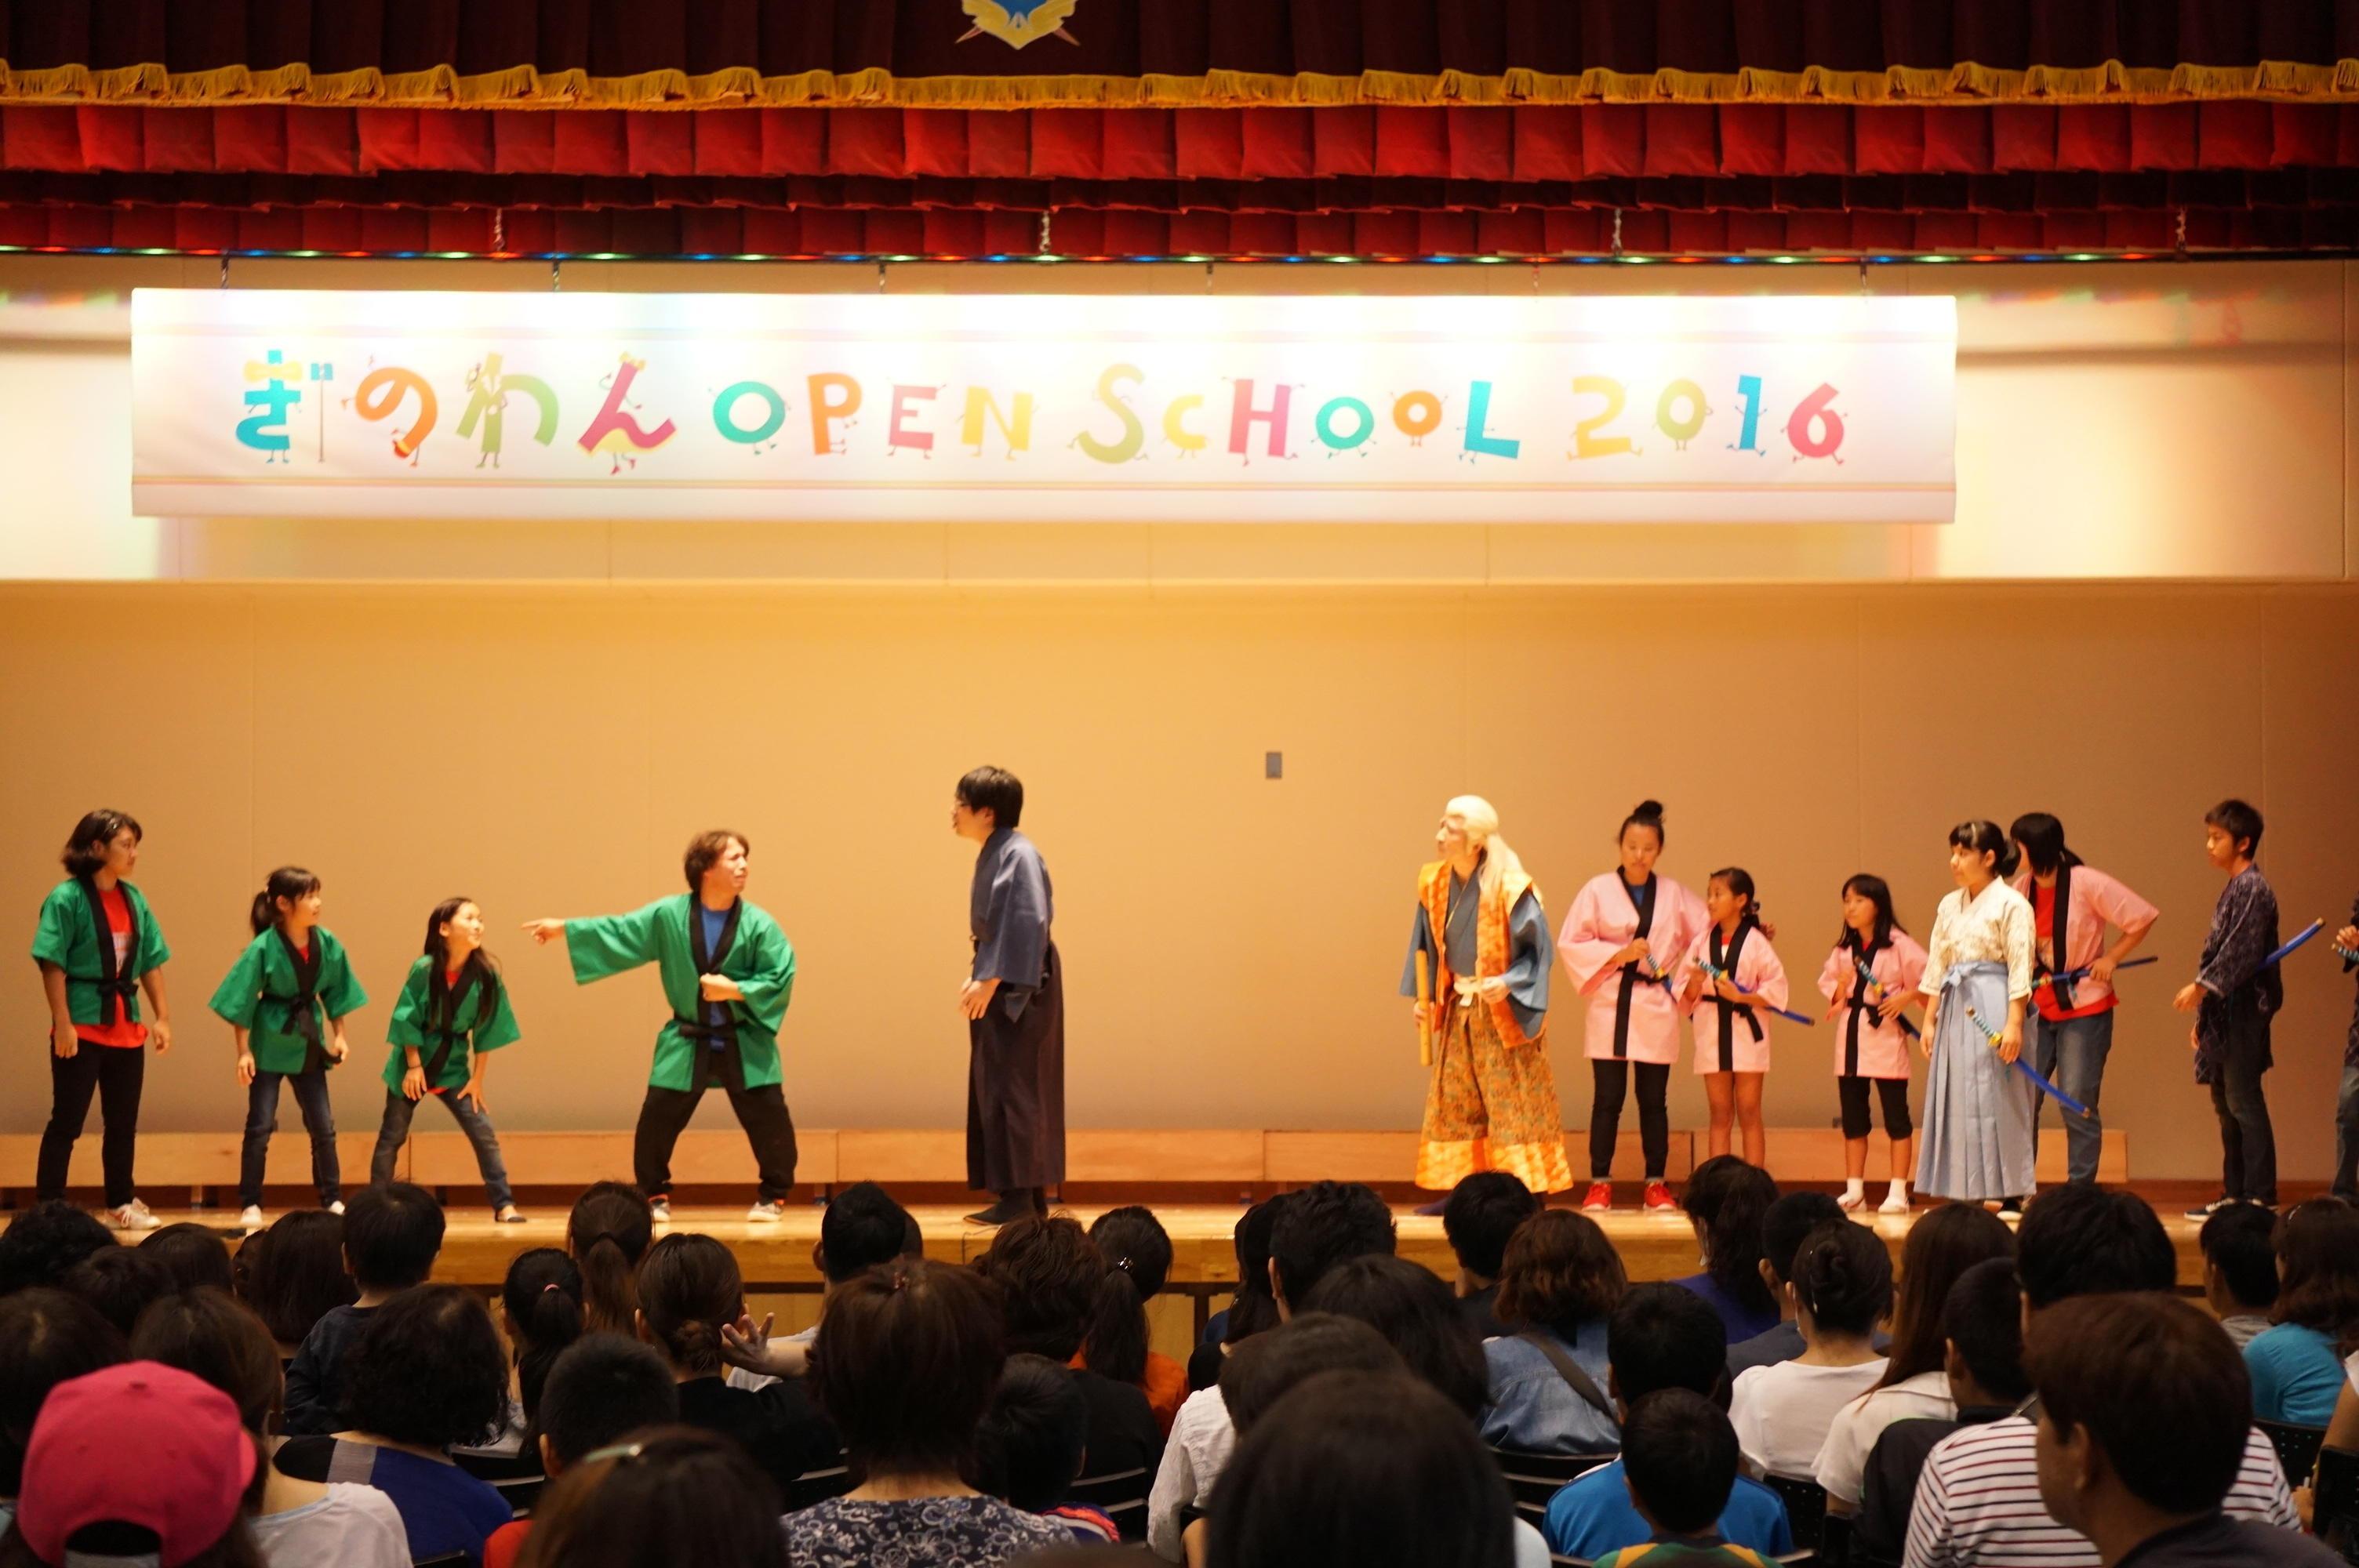 http://news.yoshimoto.co.jp/20161121154948-ffd23c88cd767cd8a72f062a500a2ba5b8221d60.jpg